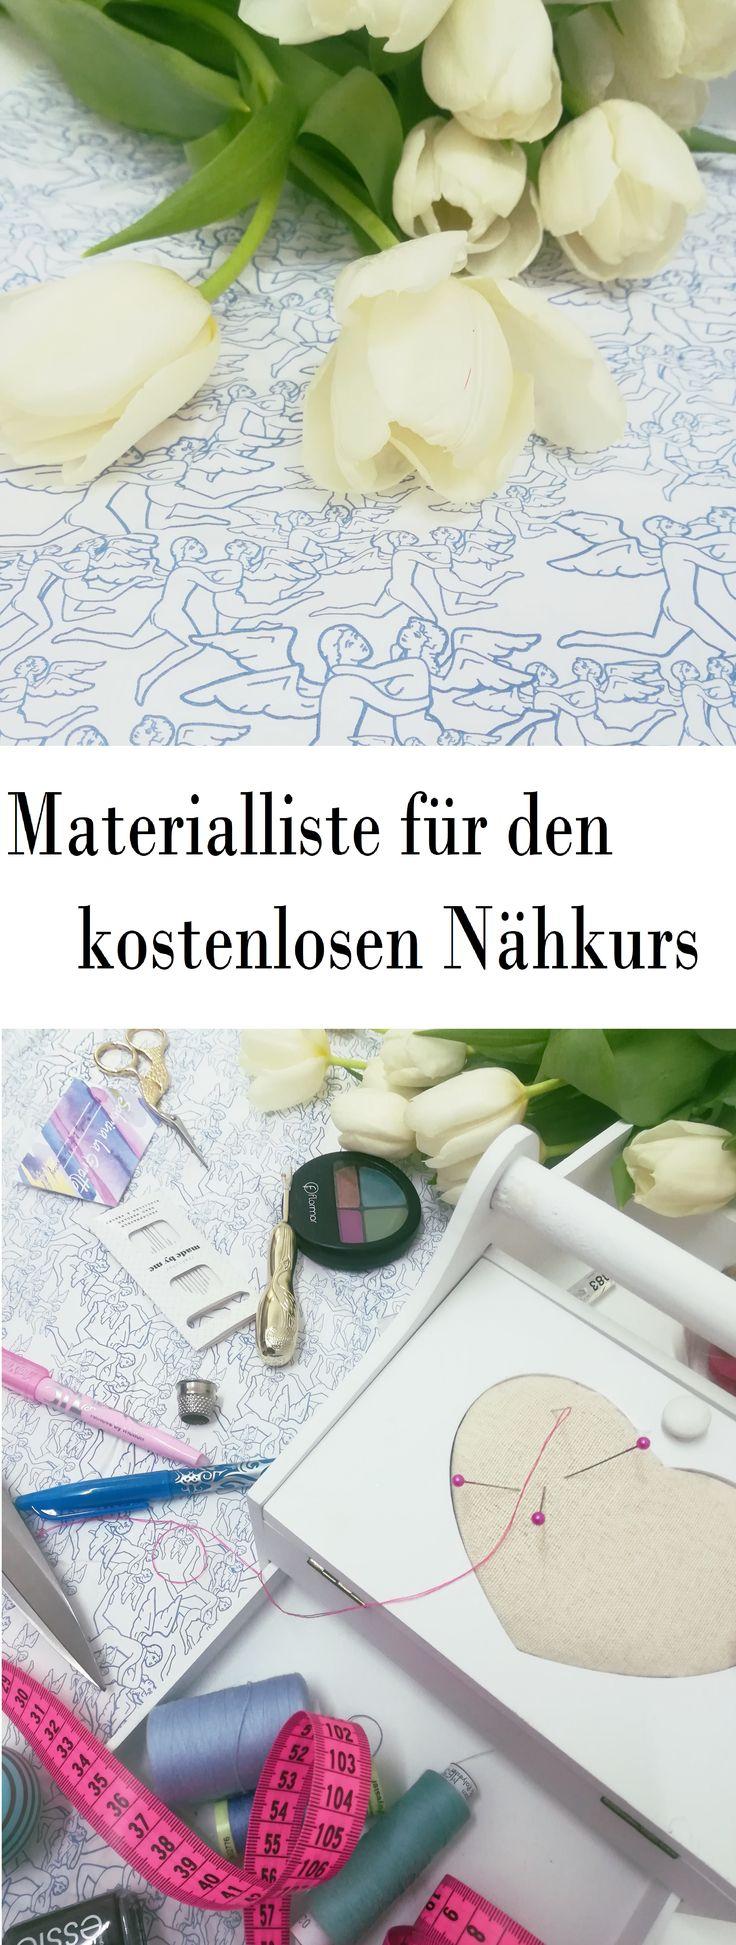 78 best Meins images on Pinterest | Bastelarbeiten, Diy basteln und ...